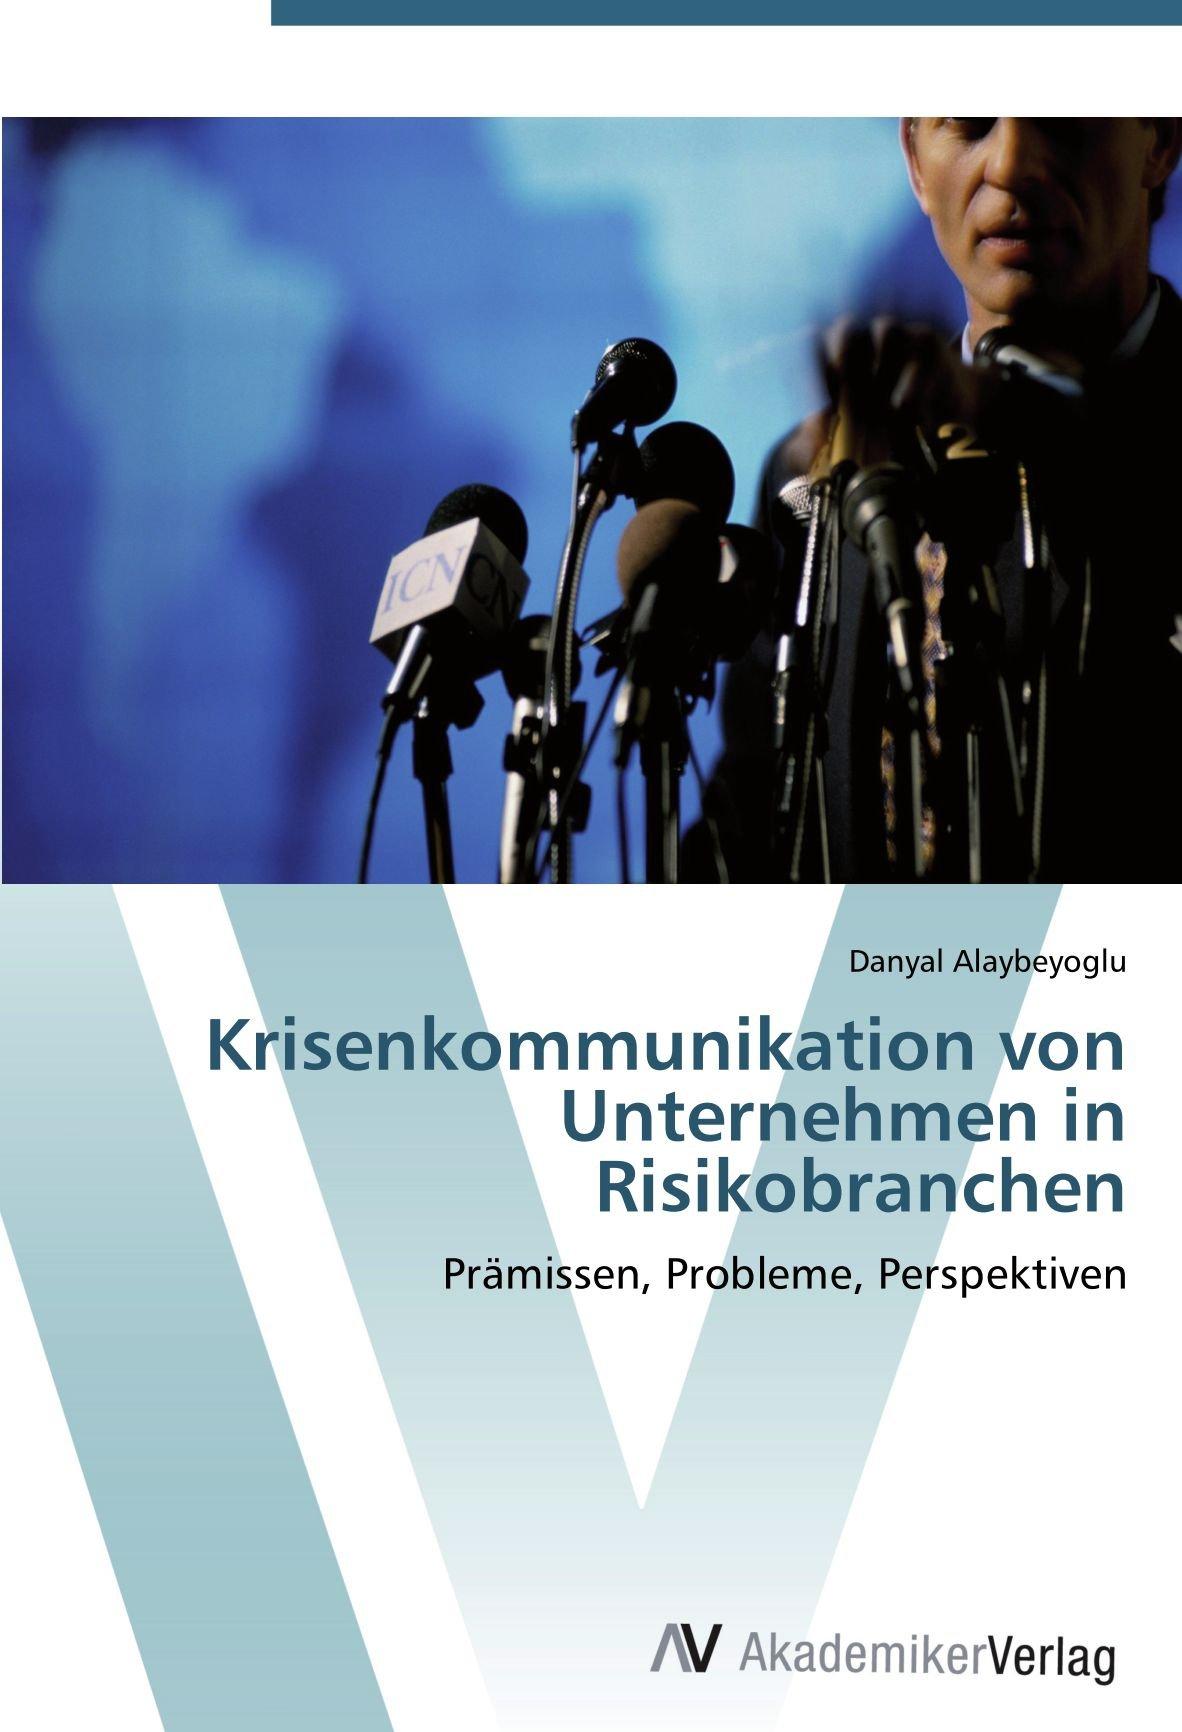 Krisenkommunikation von Unternehmen in Risikobranchen: Prämissen, Probleme, Perspektiven